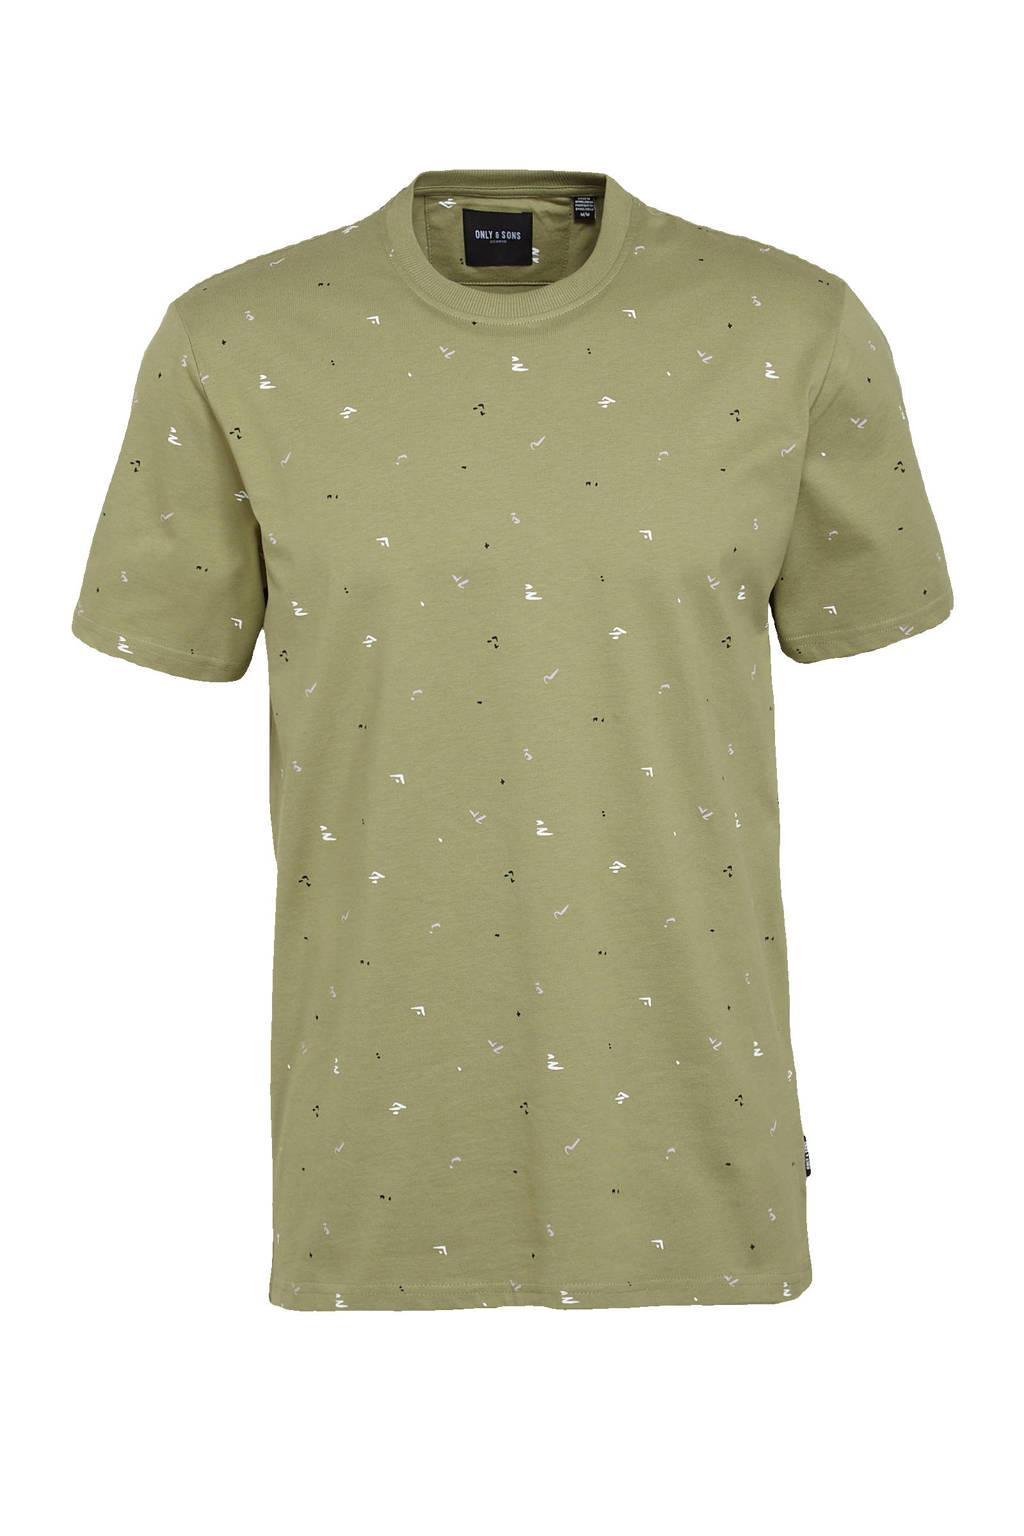 ONLY & SONS T-shirt Paxon van biologisch katoen groen, Groen